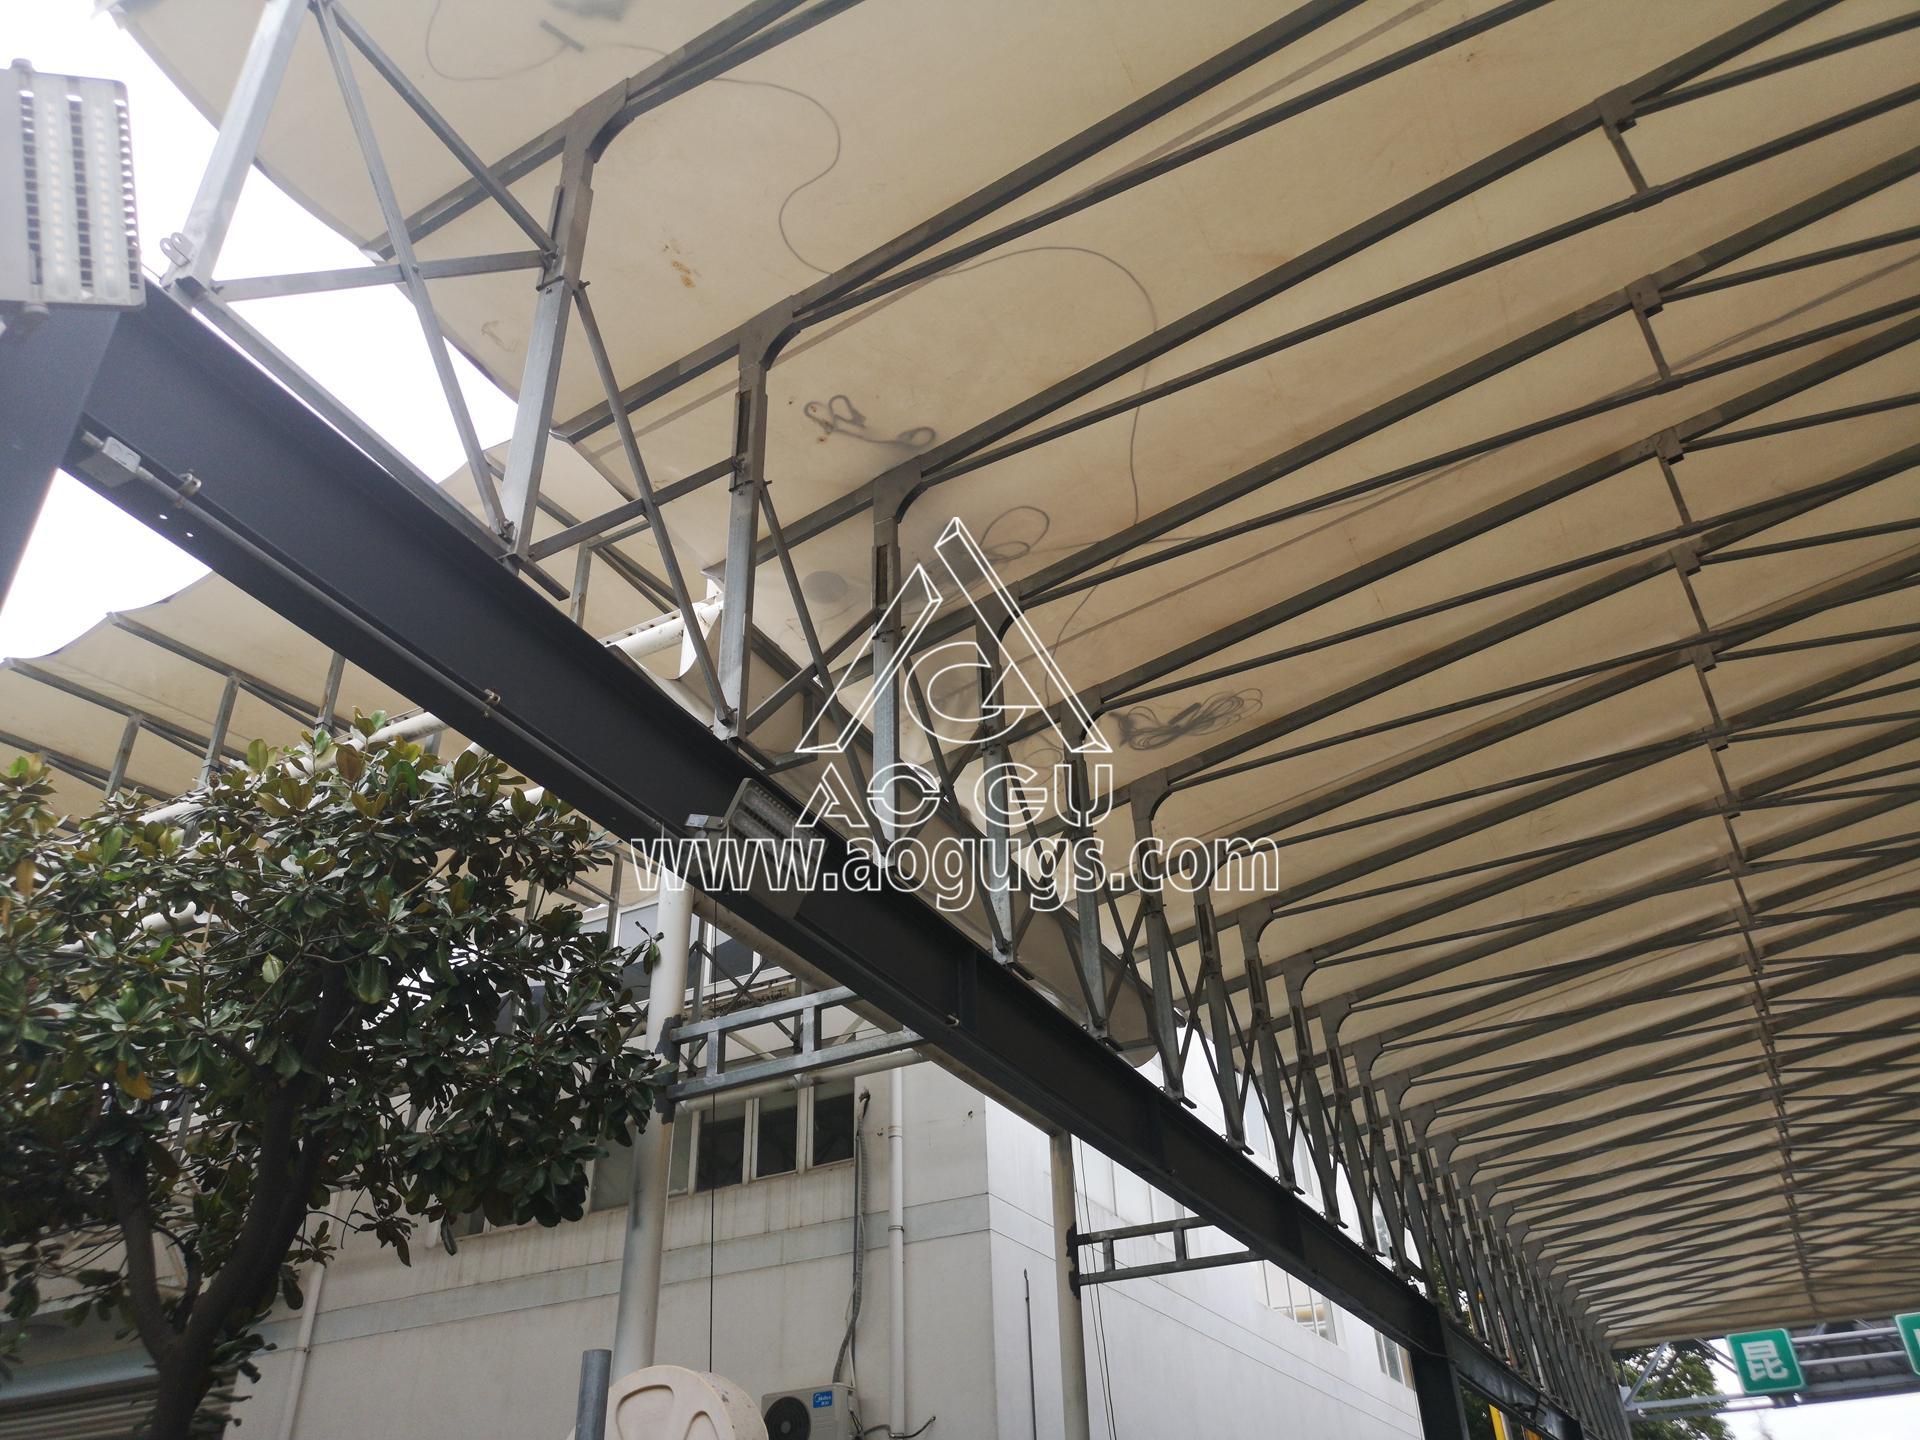 装货区 卸货区伸缩开合式篷房 艾利中国昆山公司 产品演示图2